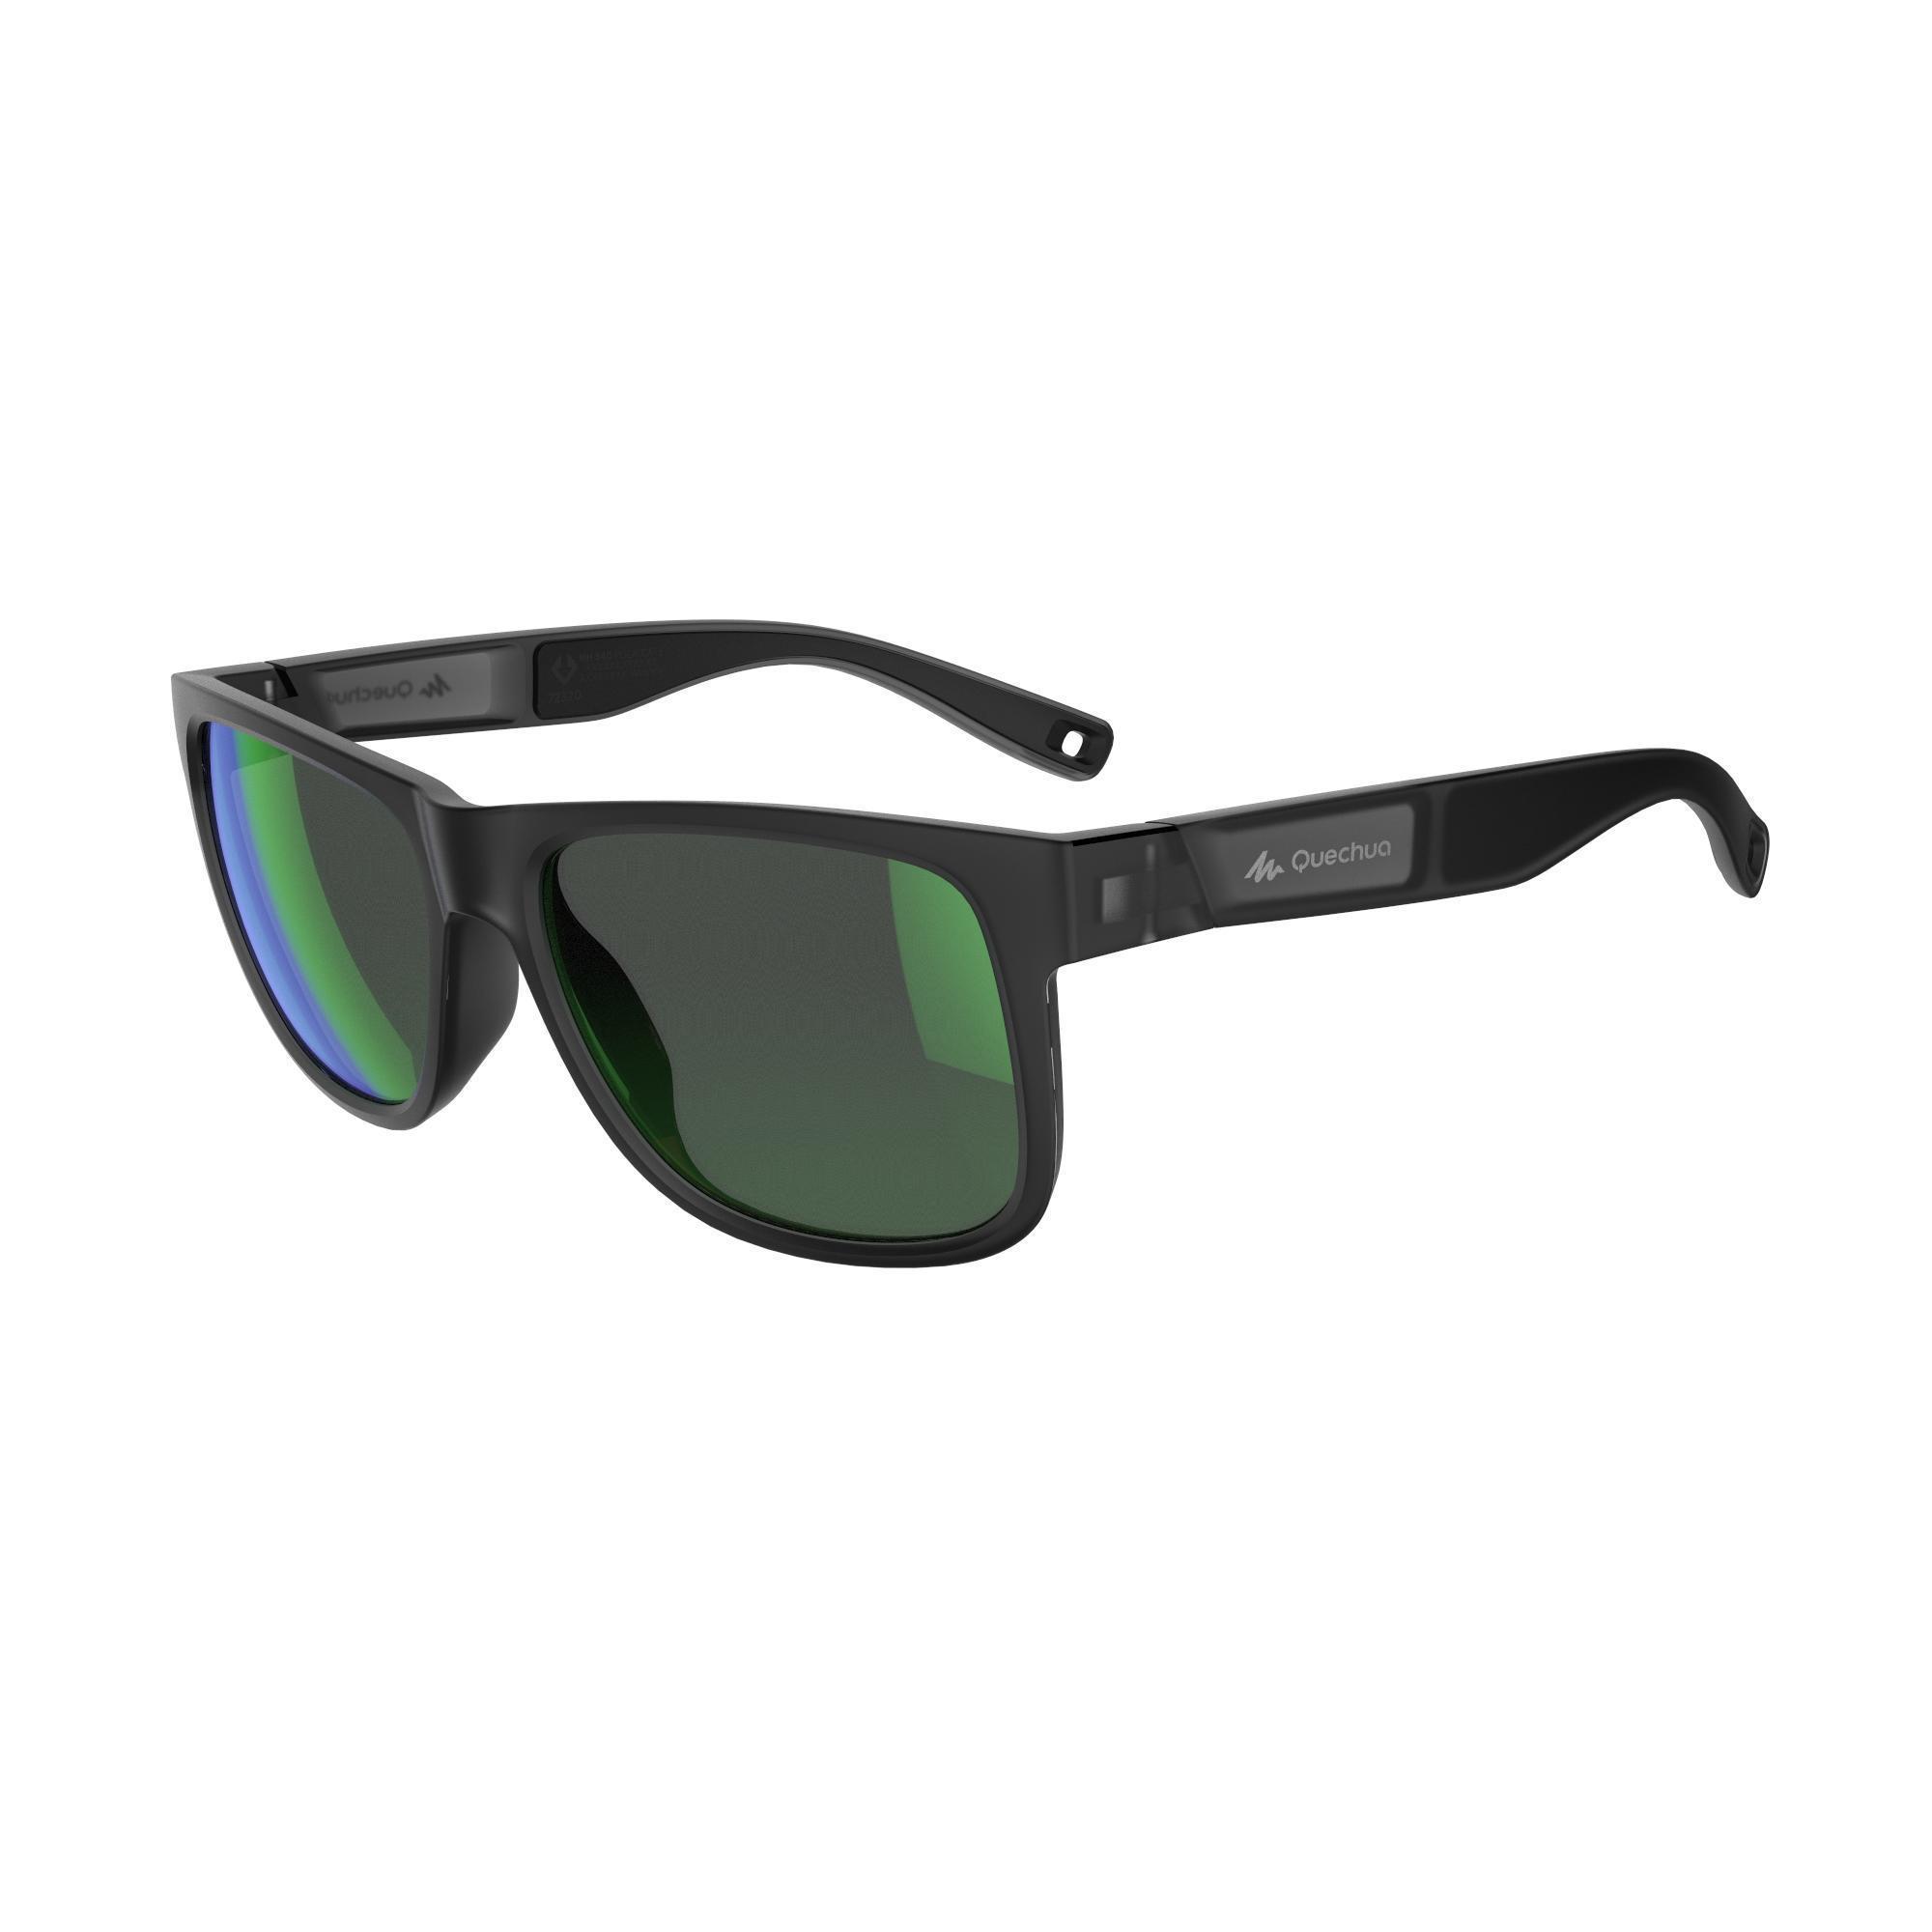 comprar online f5355 f504f Comprar Gafas Polarizadas online | Decathlon